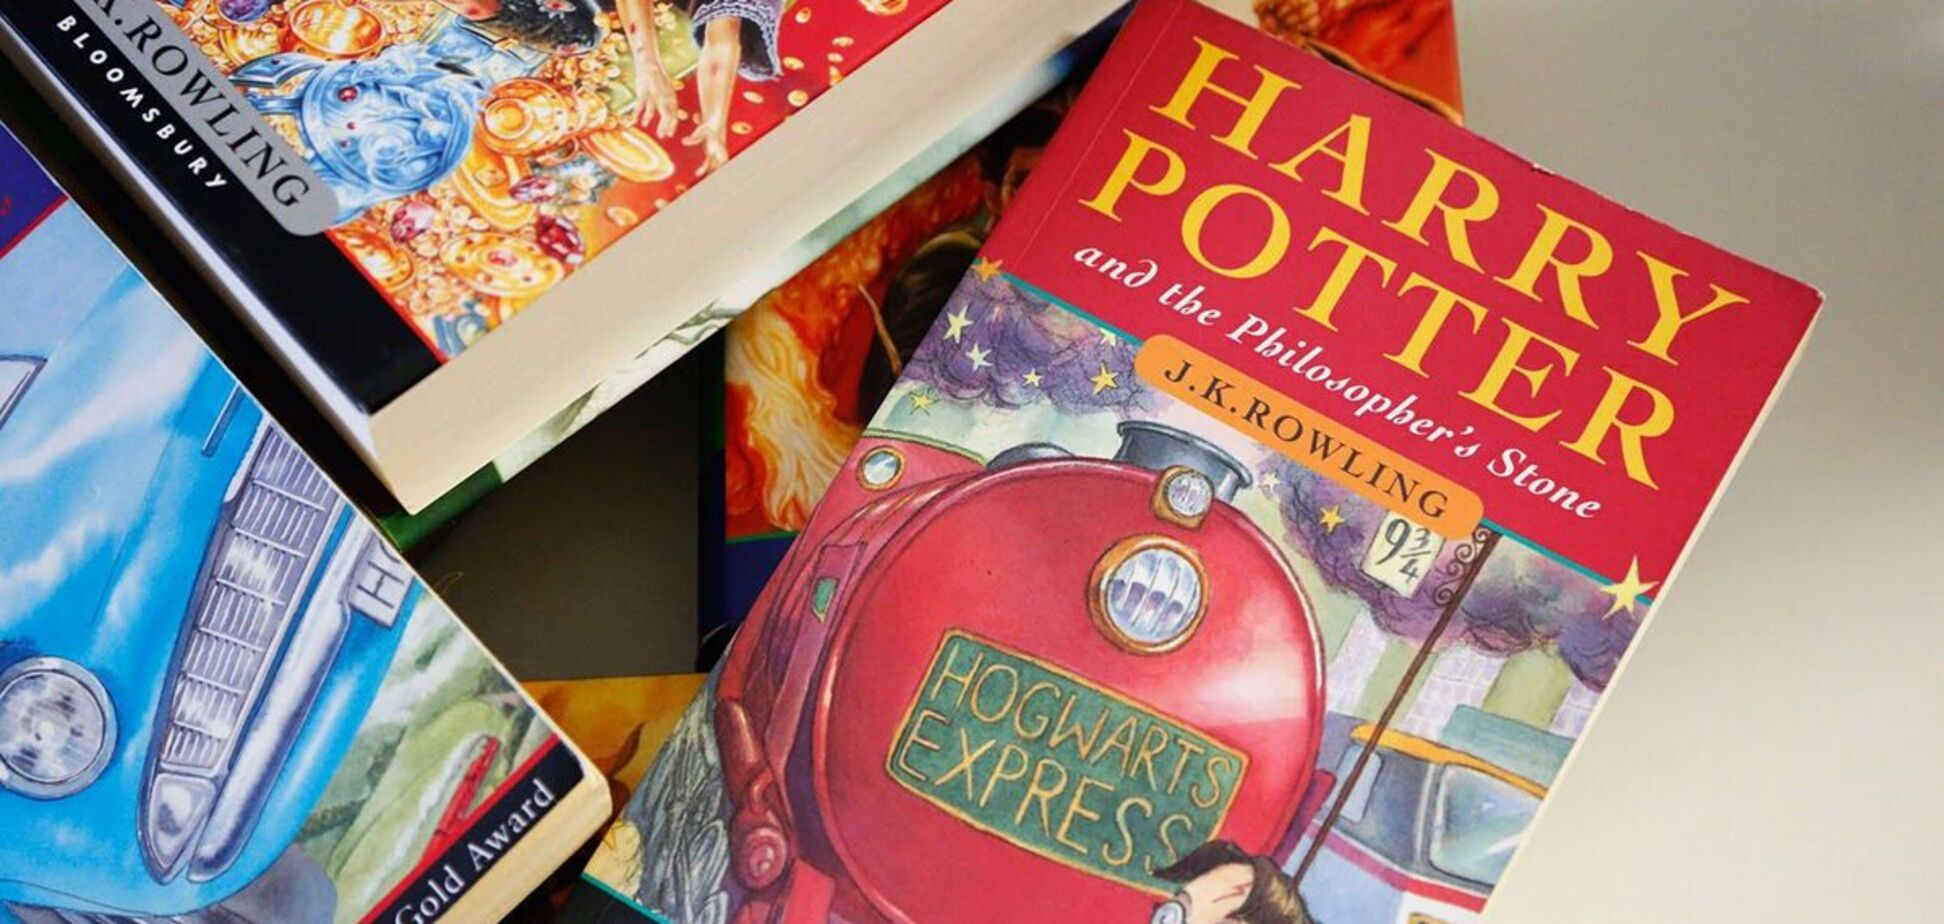 Первое издание 'Гарри Поттера' продали на аукционе за 90 тысяч долларов